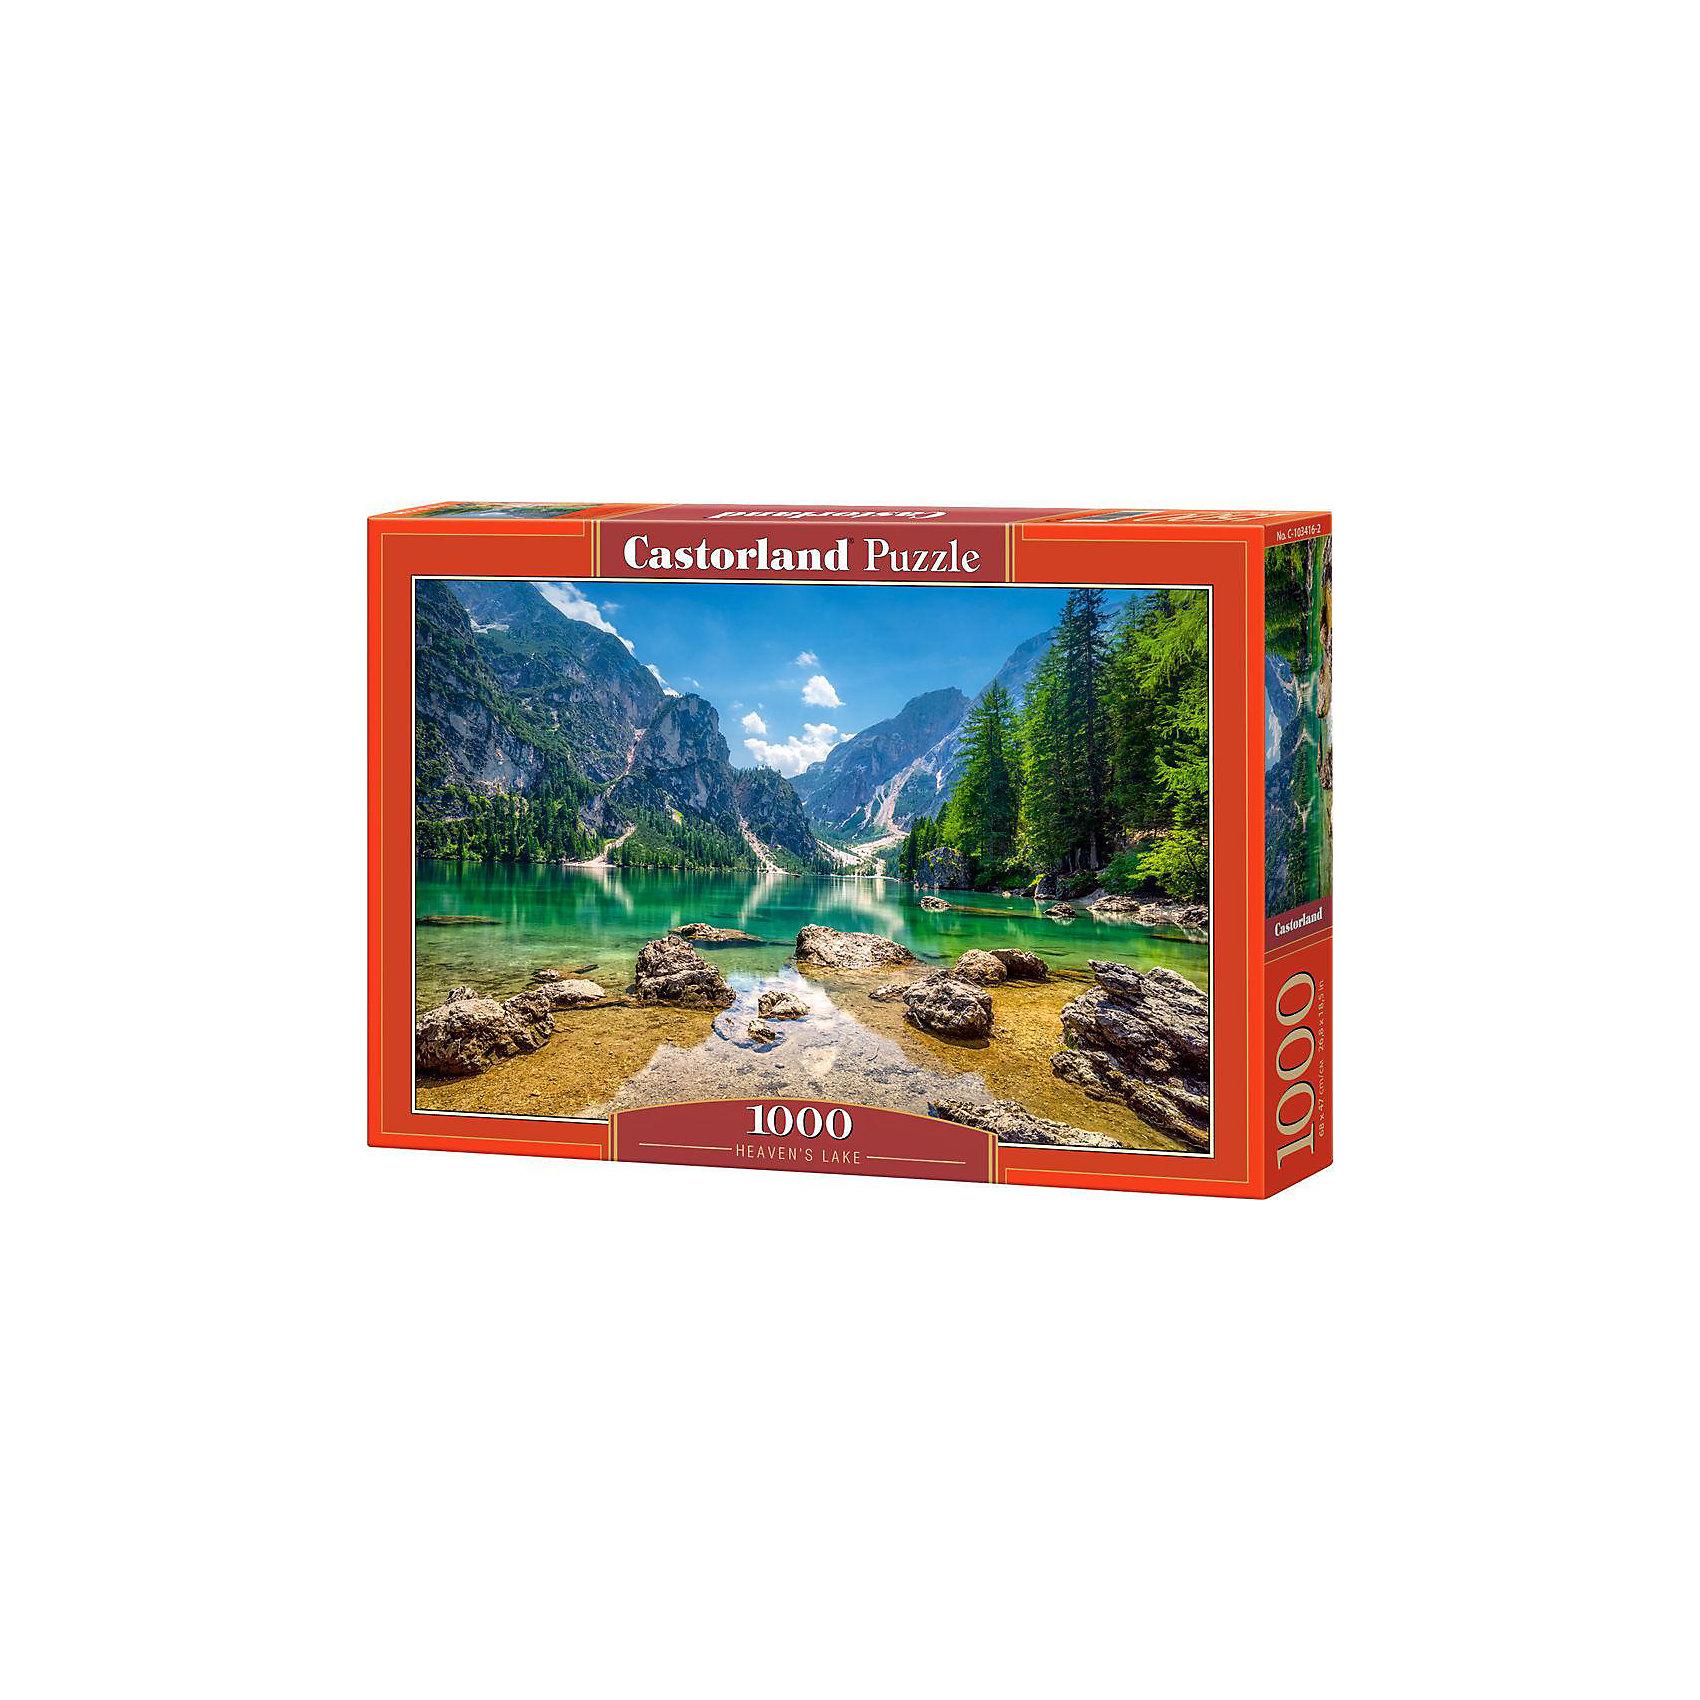 Castorland Пазл Озеро в горах, 1000 деталей, Castorland паззл castorland 1000 эл 68 47см озеро канада